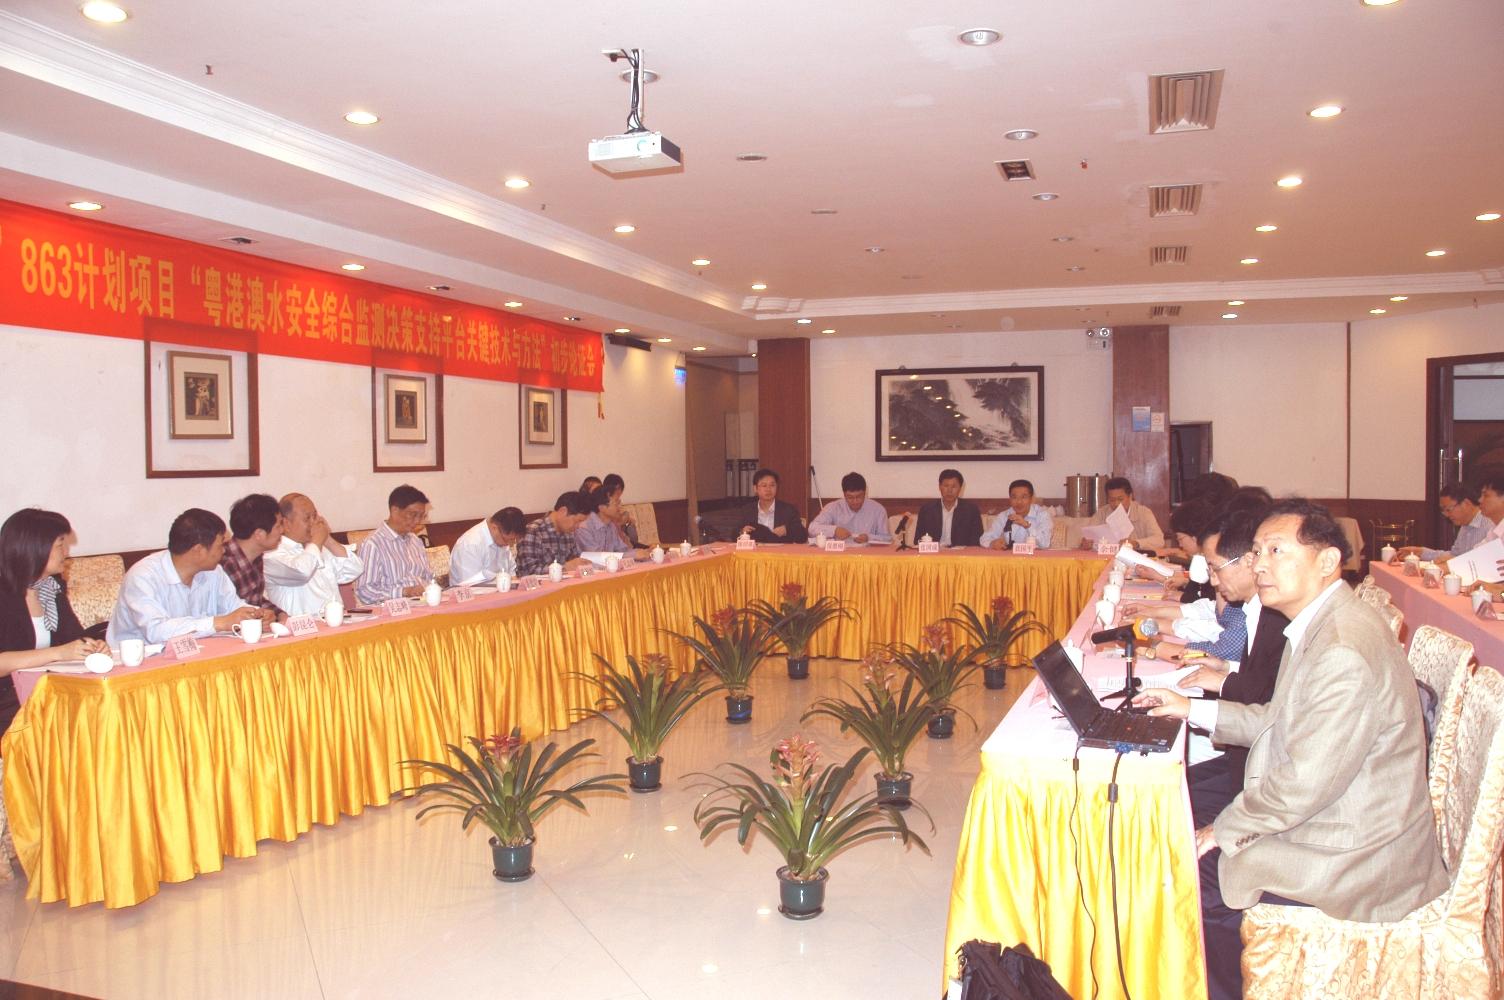 中大太空所所长林珲教授(右一)向参加论证会的领导与专家汇报项目的准备工作。